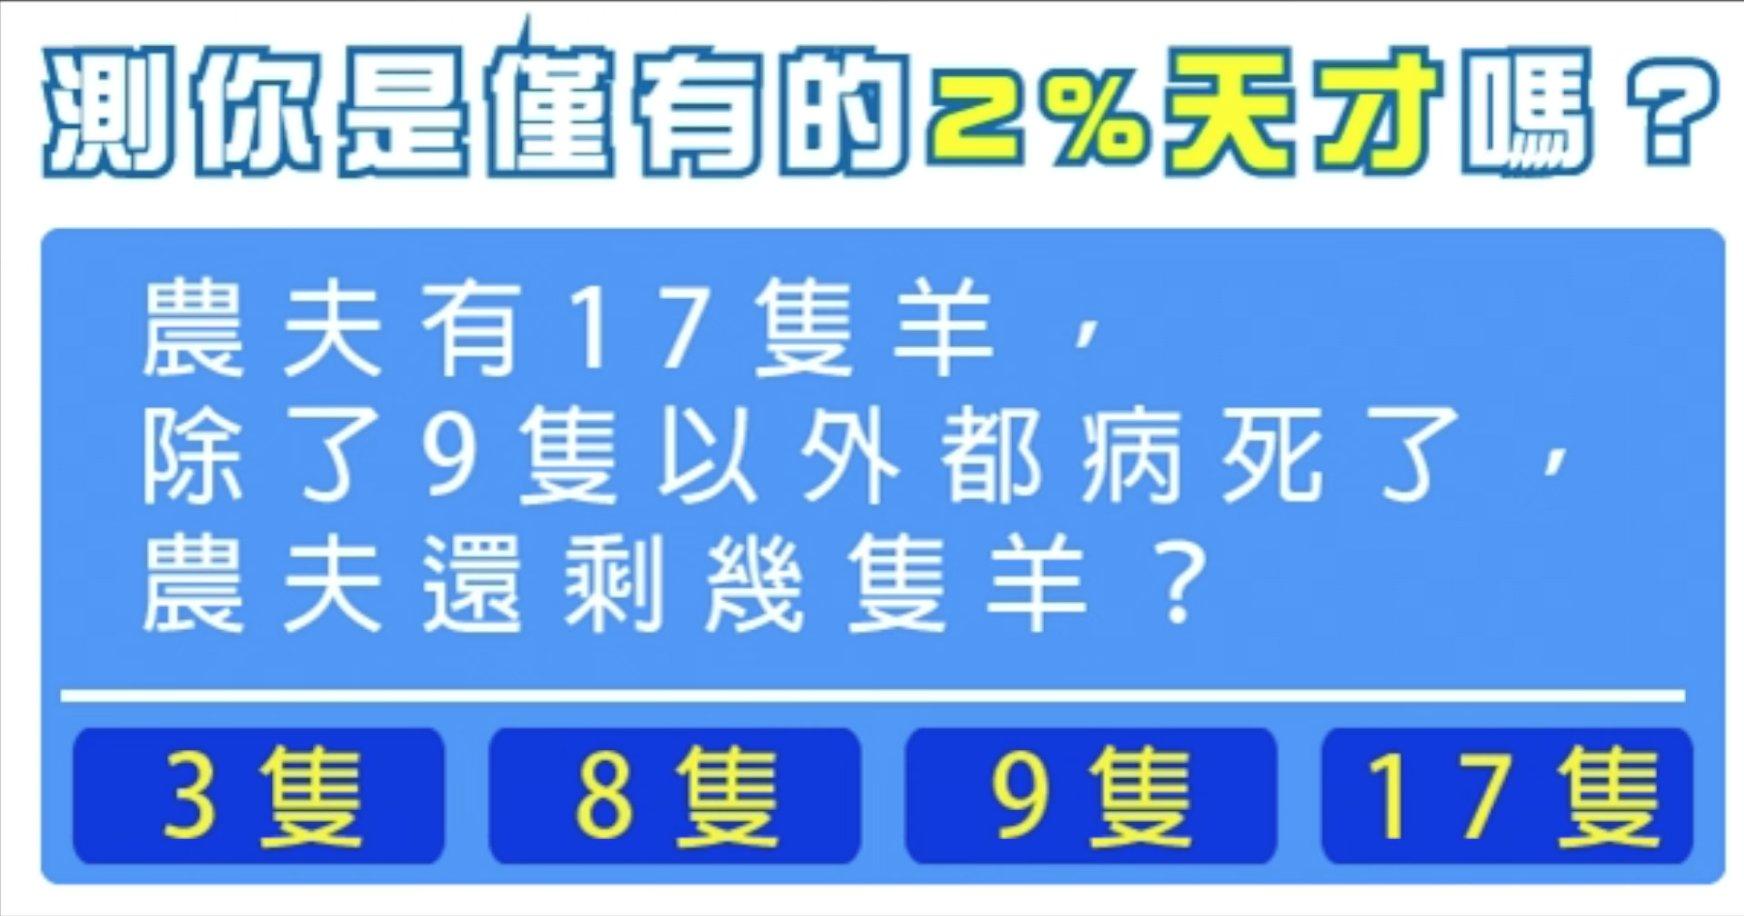 e89ea2e5b995e5bfabe785a7 2018 04 06 e4b88be58d884 56 49.png?resize=1200,630 - 98%的人都會上當!超激準智商測驗:農夫總共有幾隻羊?